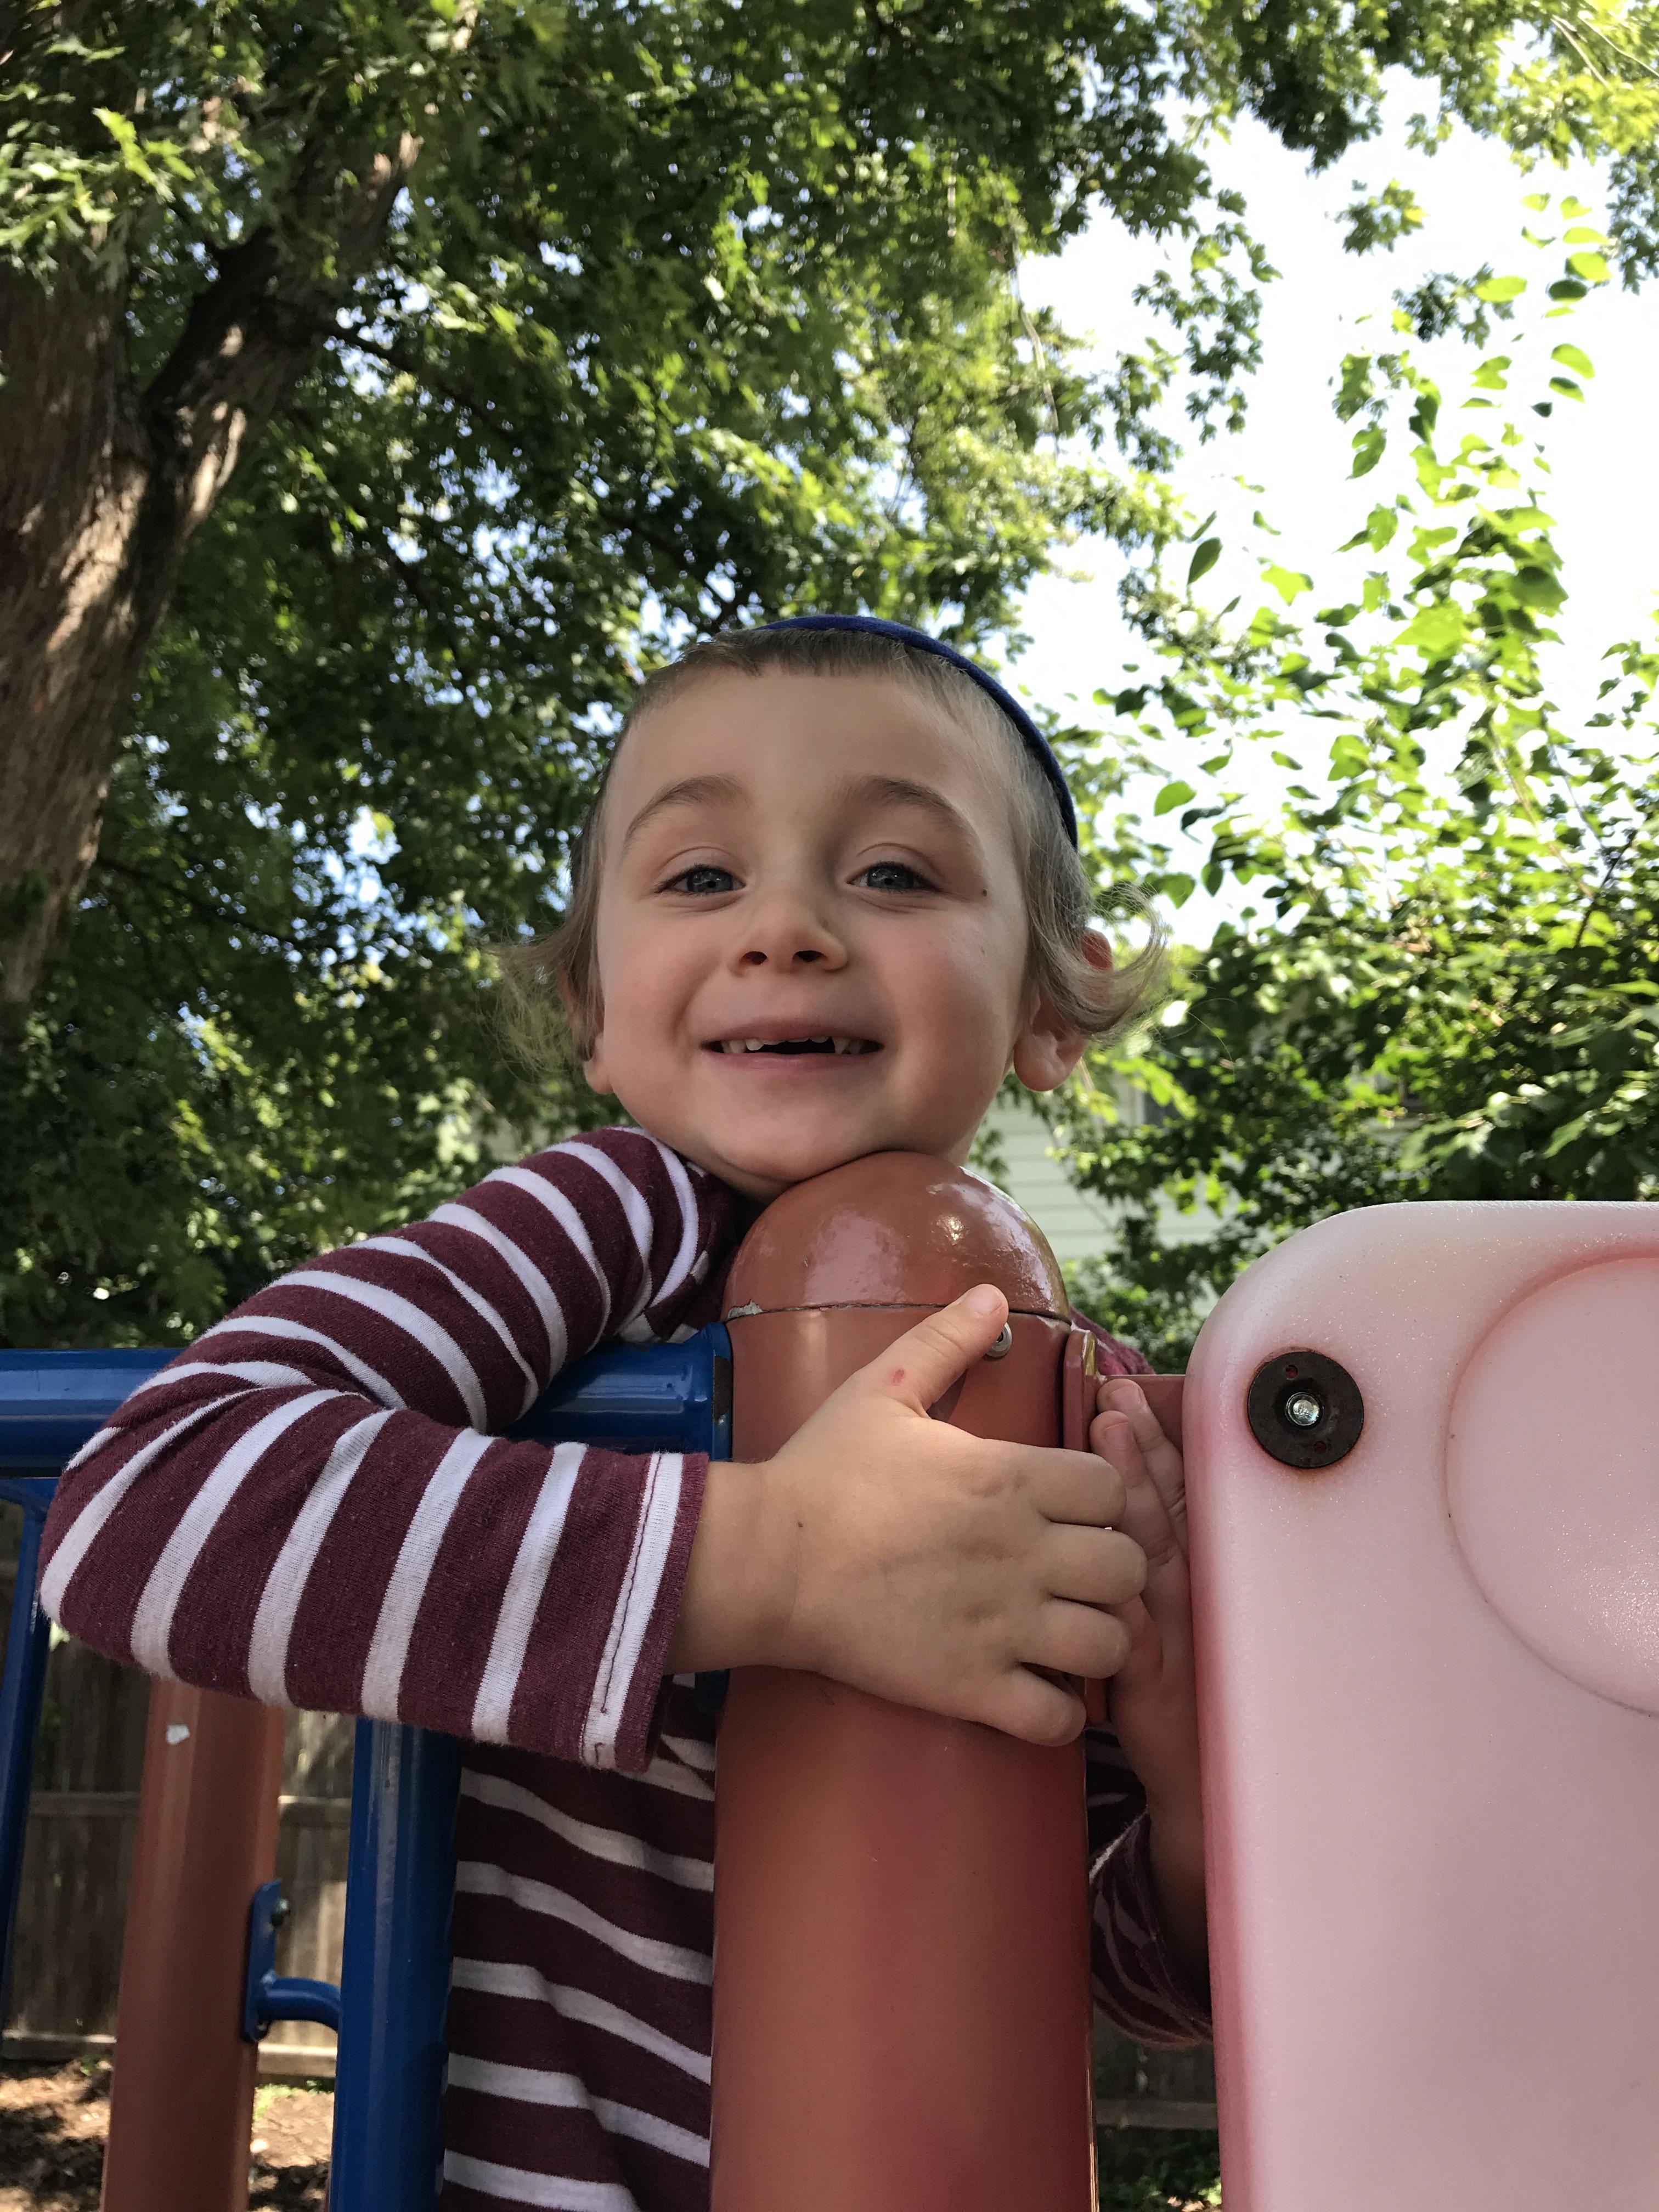 Playground. (Threes)